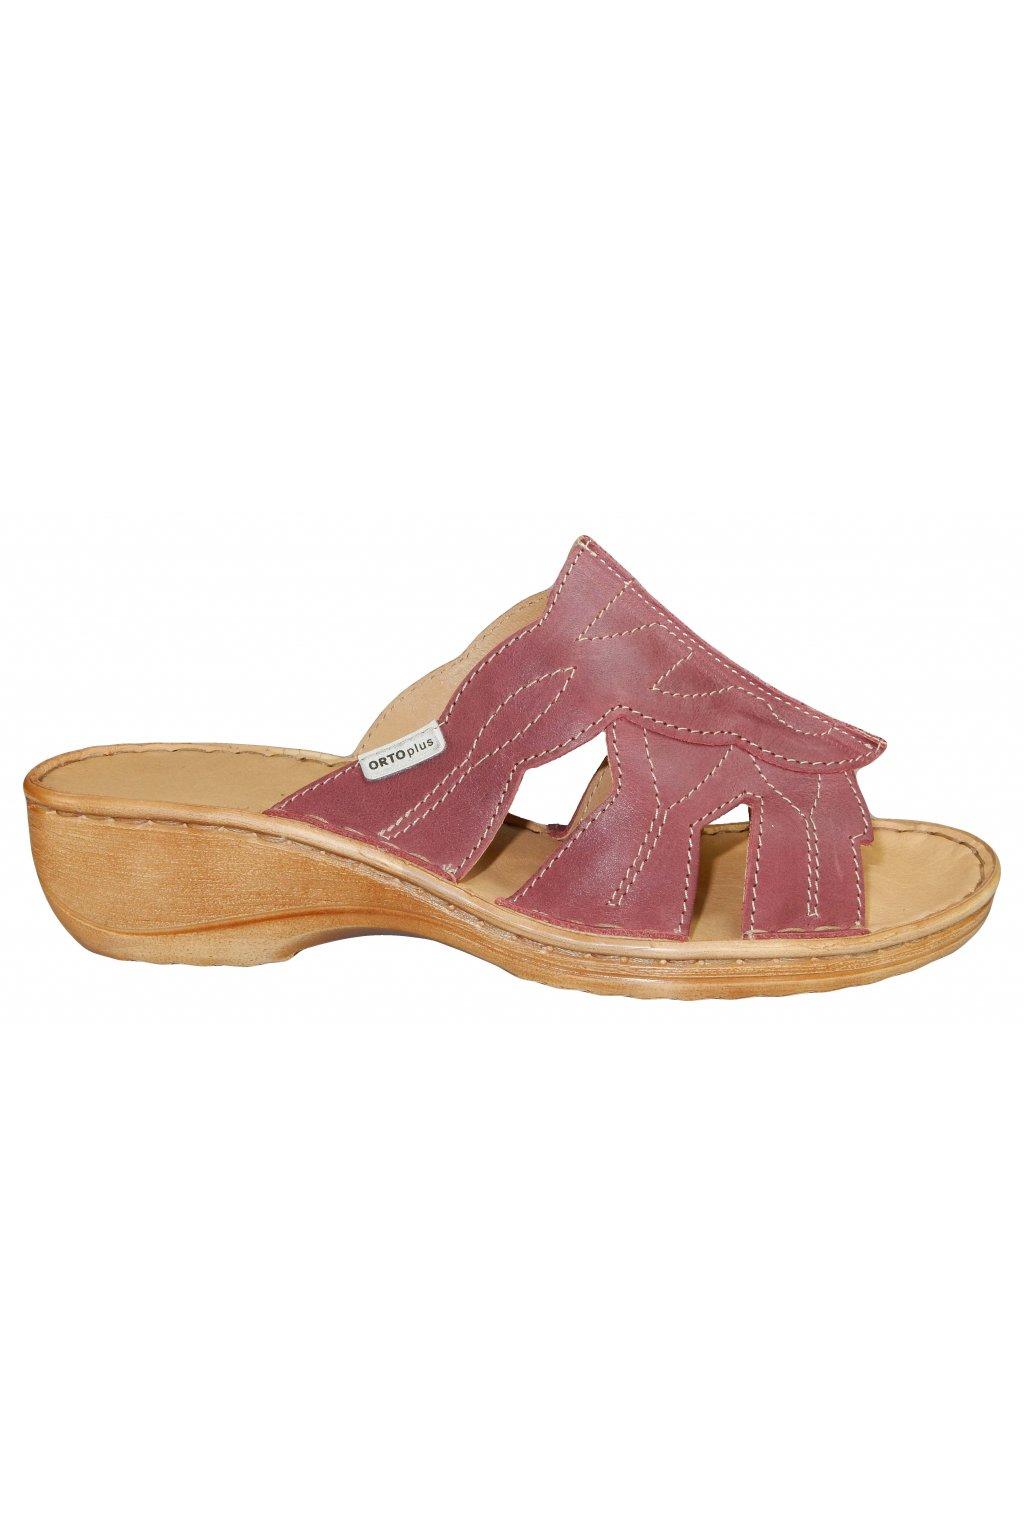 Dámské vycházková zdravotní pantofle ORTO PLUS 031511